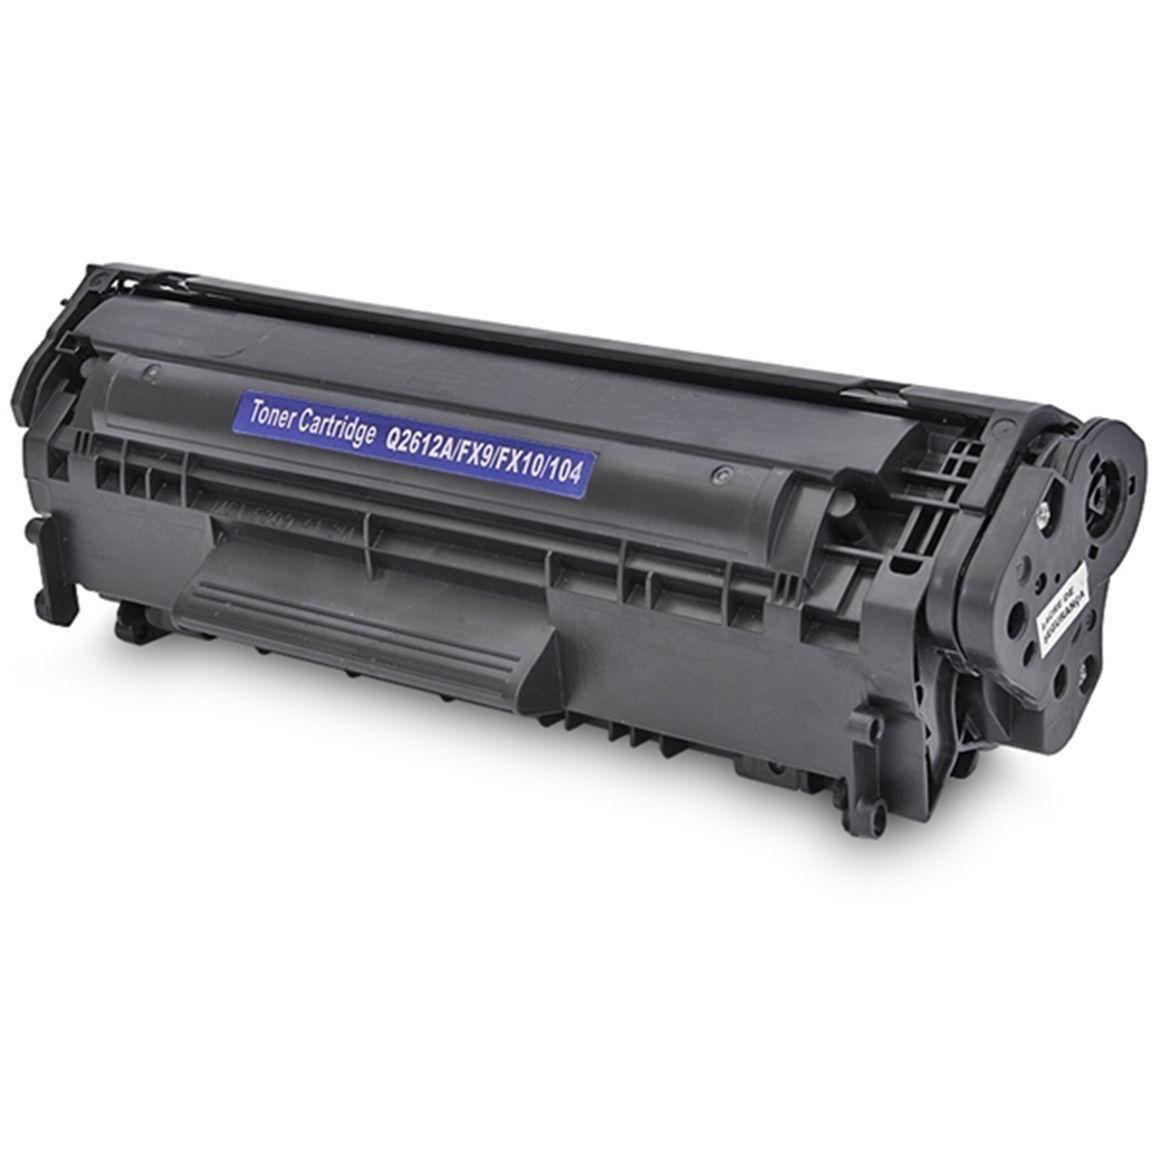 Toner Compatível P/ HP Q2612a Q2612 2612a 2612 12a